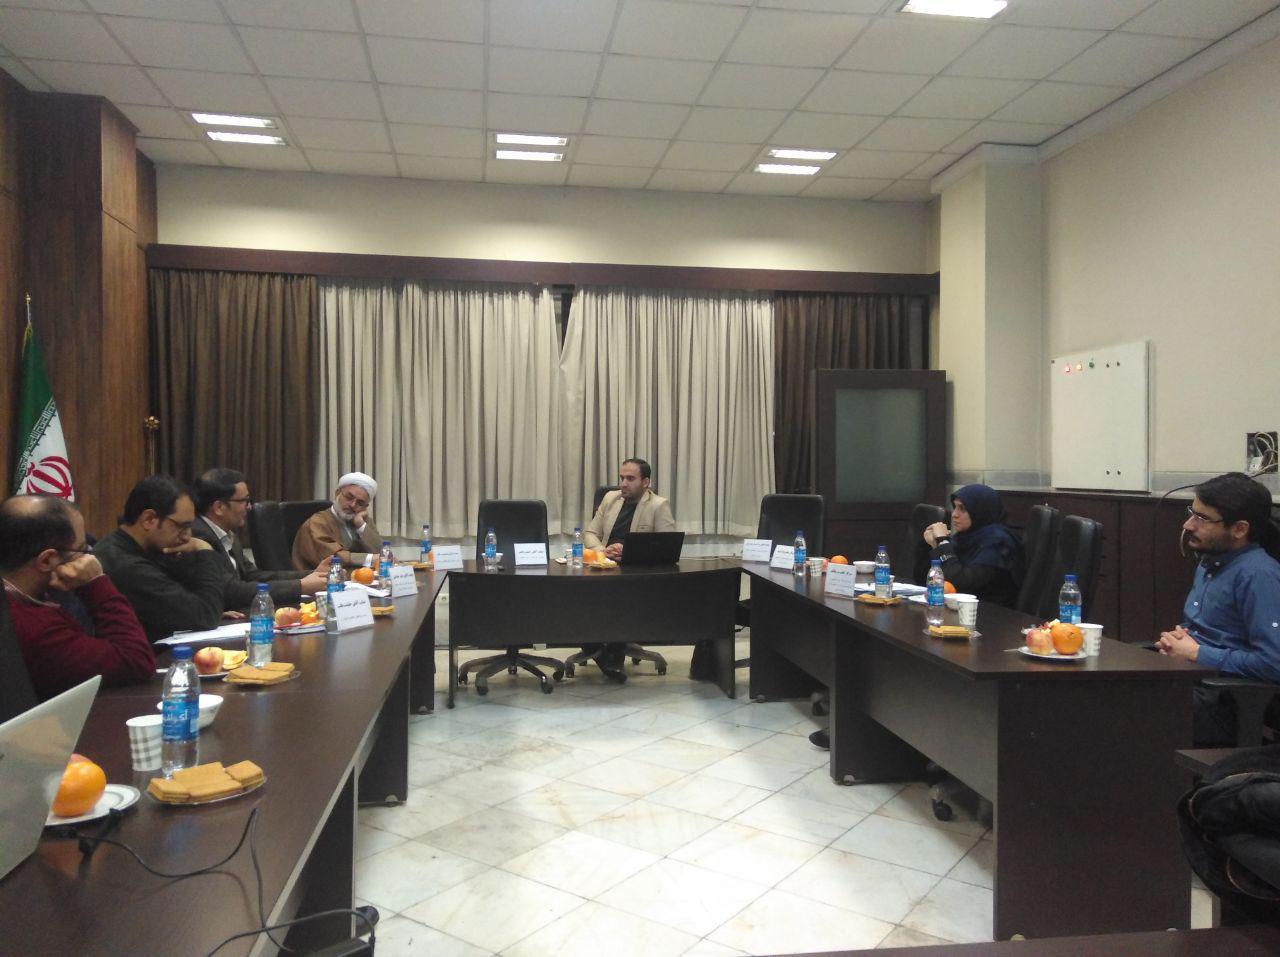 نشست بررسی ابعاد اعطای تابعیت به فرزندان مادر ایرانی پدر غیرایرانی